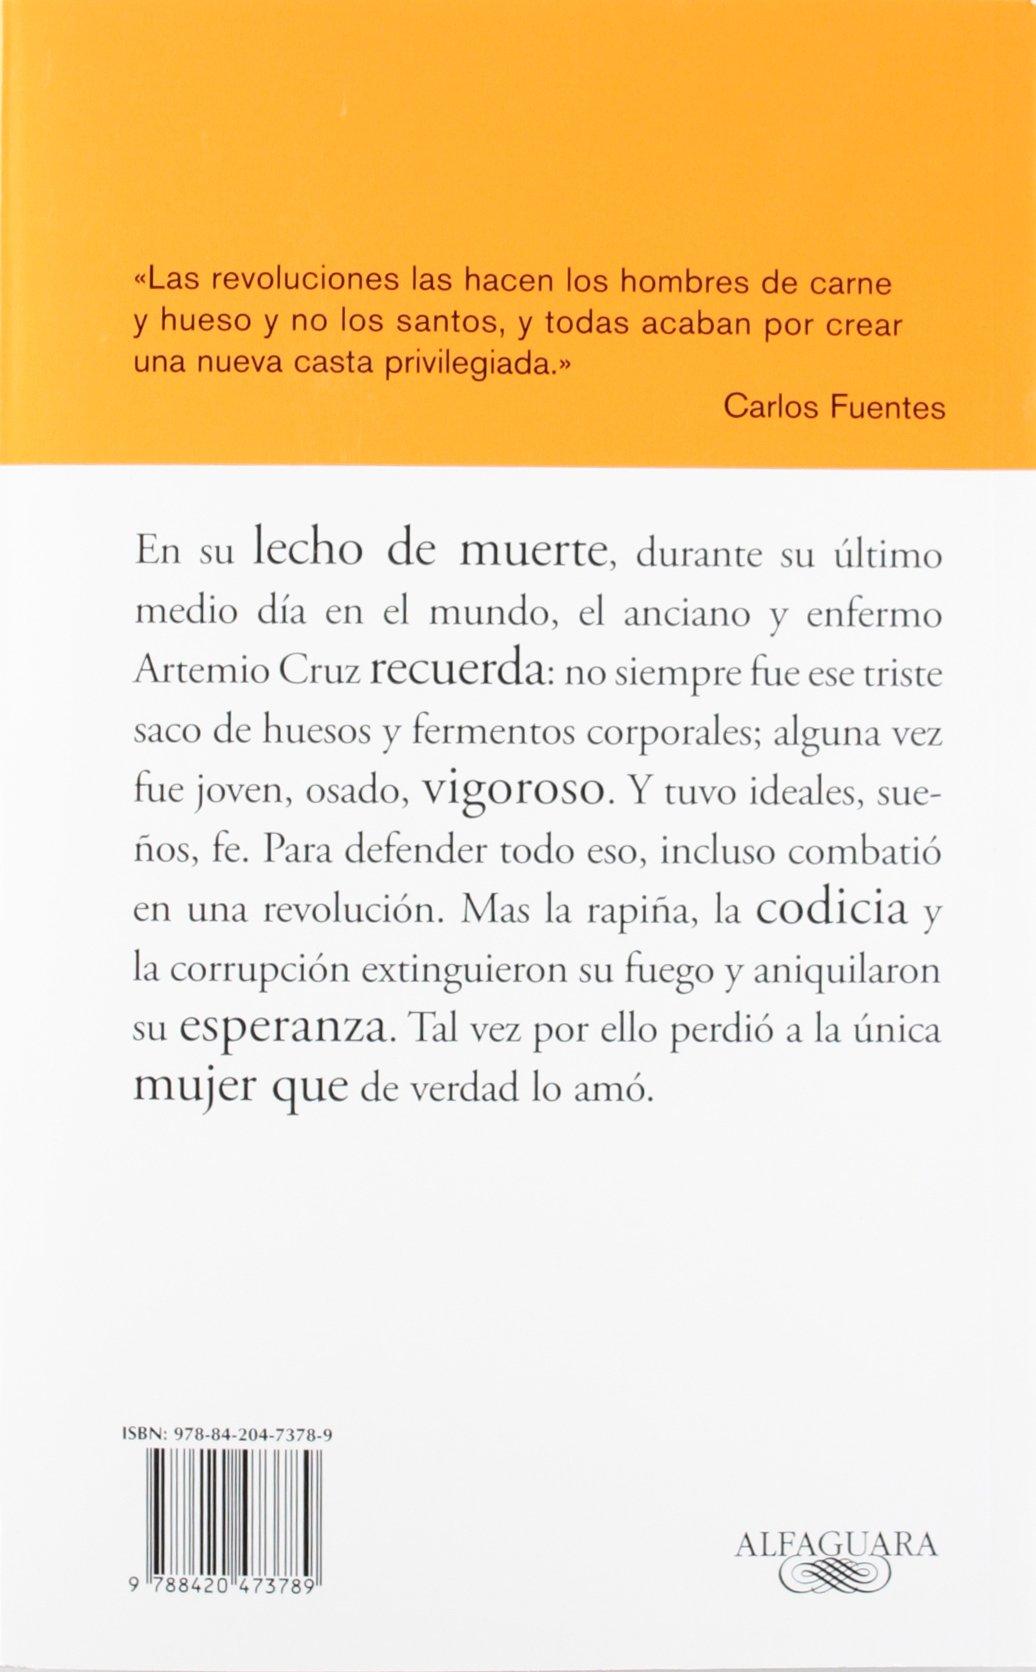 La muerte de Artemio Cruz (BIBLIOTECA CARLOS FUENTES): Amazon.es: Carlos Fuentes: Libros